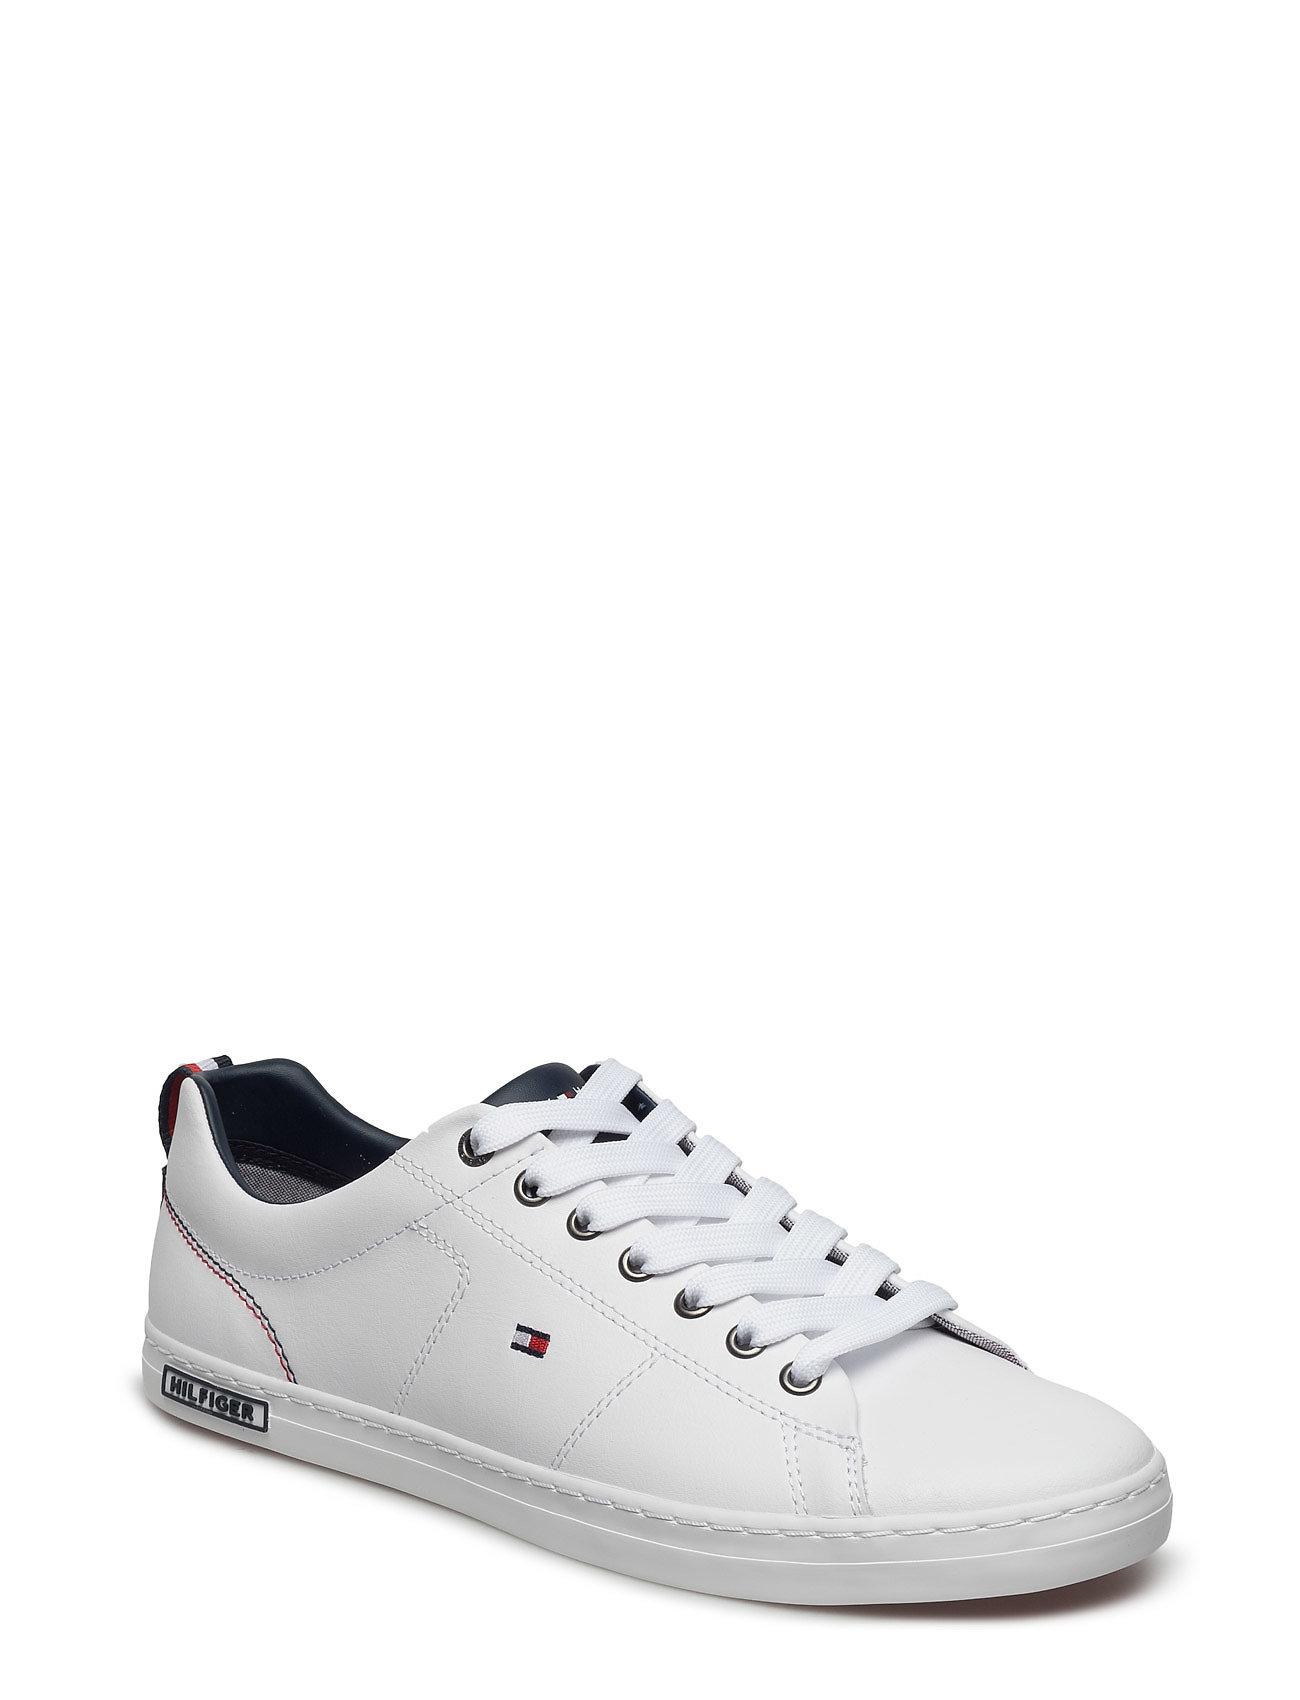 c348176baa3f Int K2285ay 1a Tommy Hilfiger Sneakers til Herrer i hvid ...